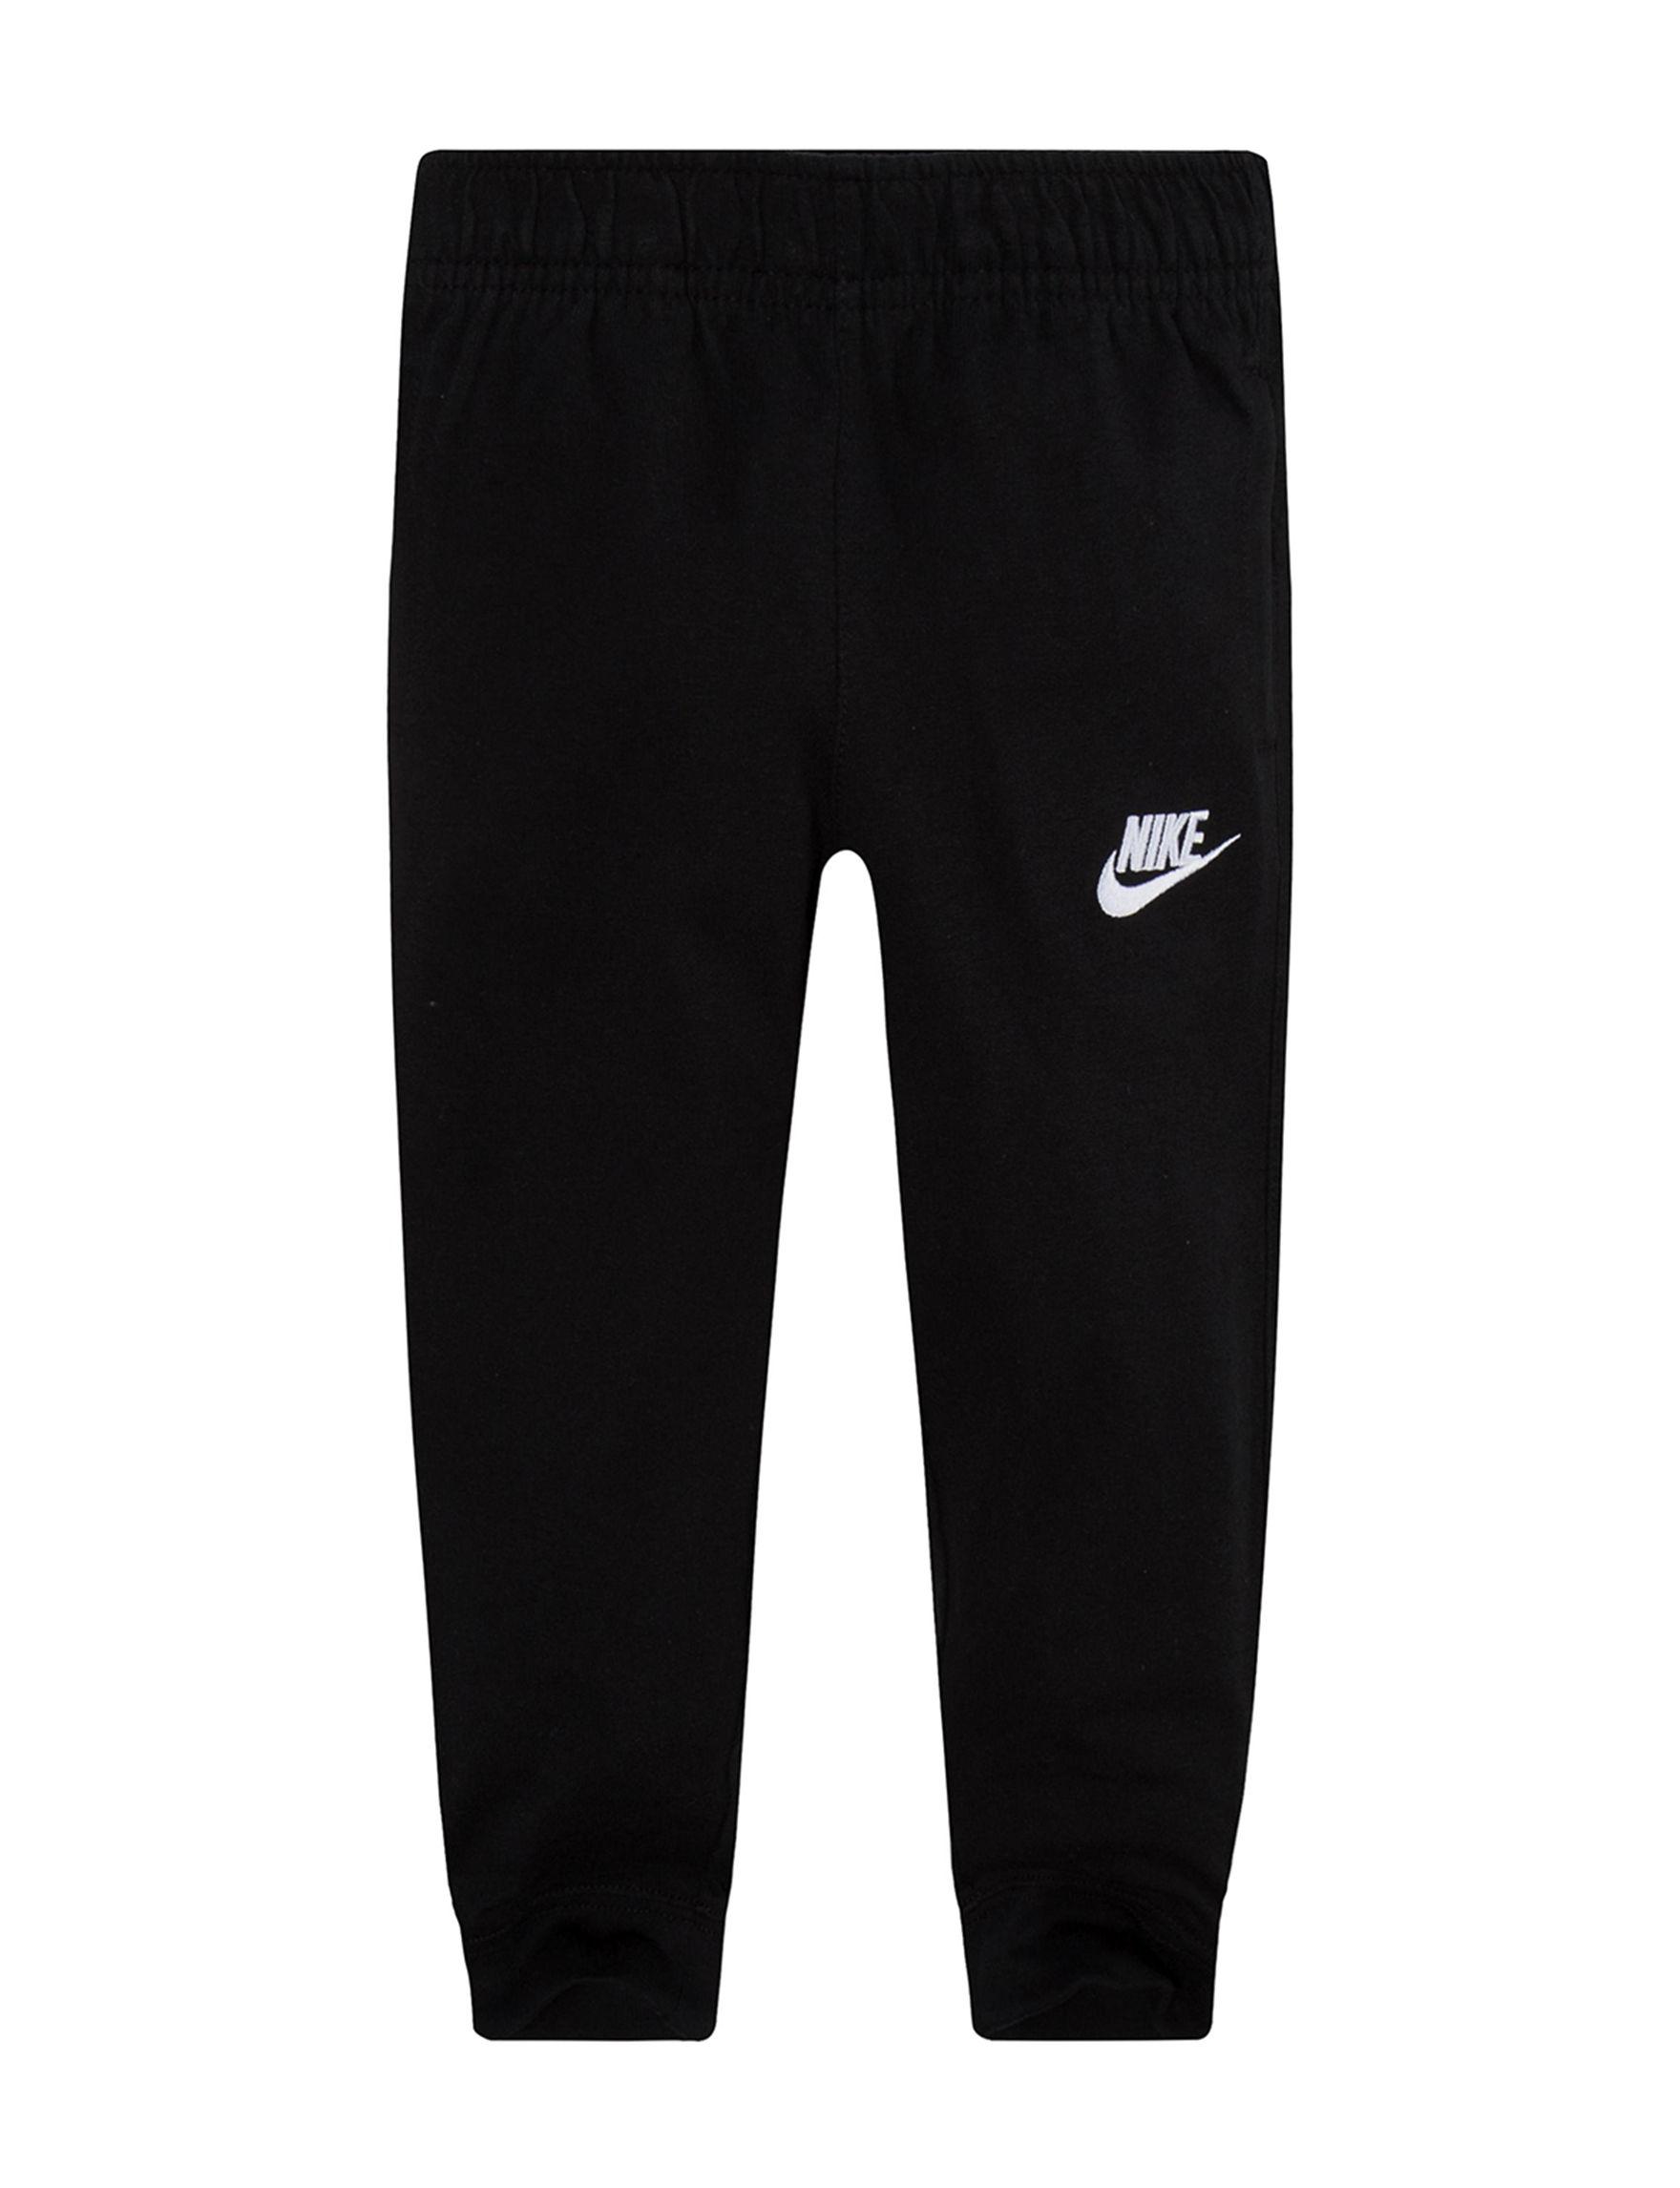 Nike Black Jogger Soft Pants